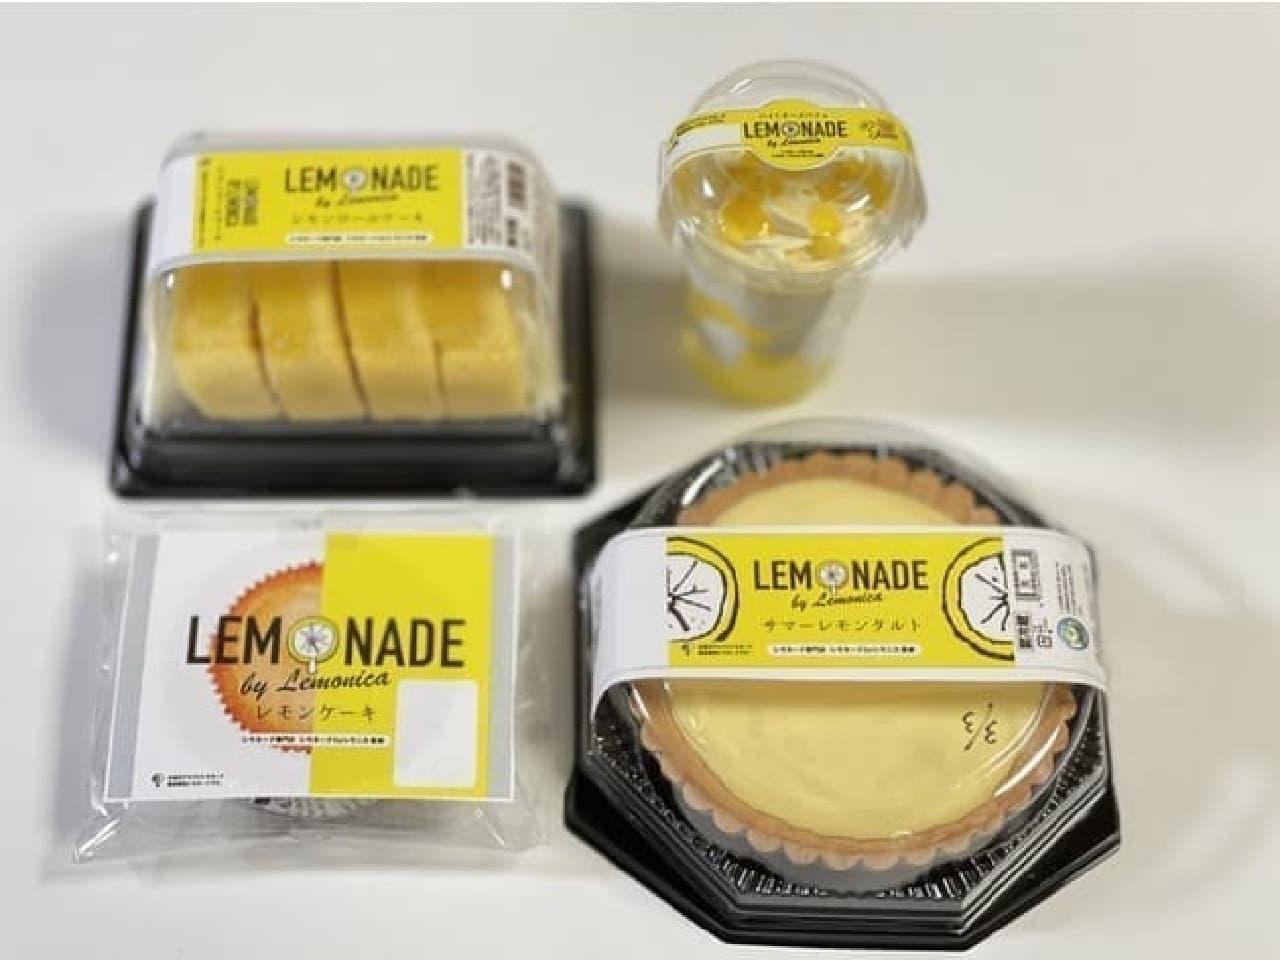 「オリジナルレモンケーキ」「Hi!チーズレモネードパルフェ」「サマーレモネードタルト」「オリジナルレモネードロール」